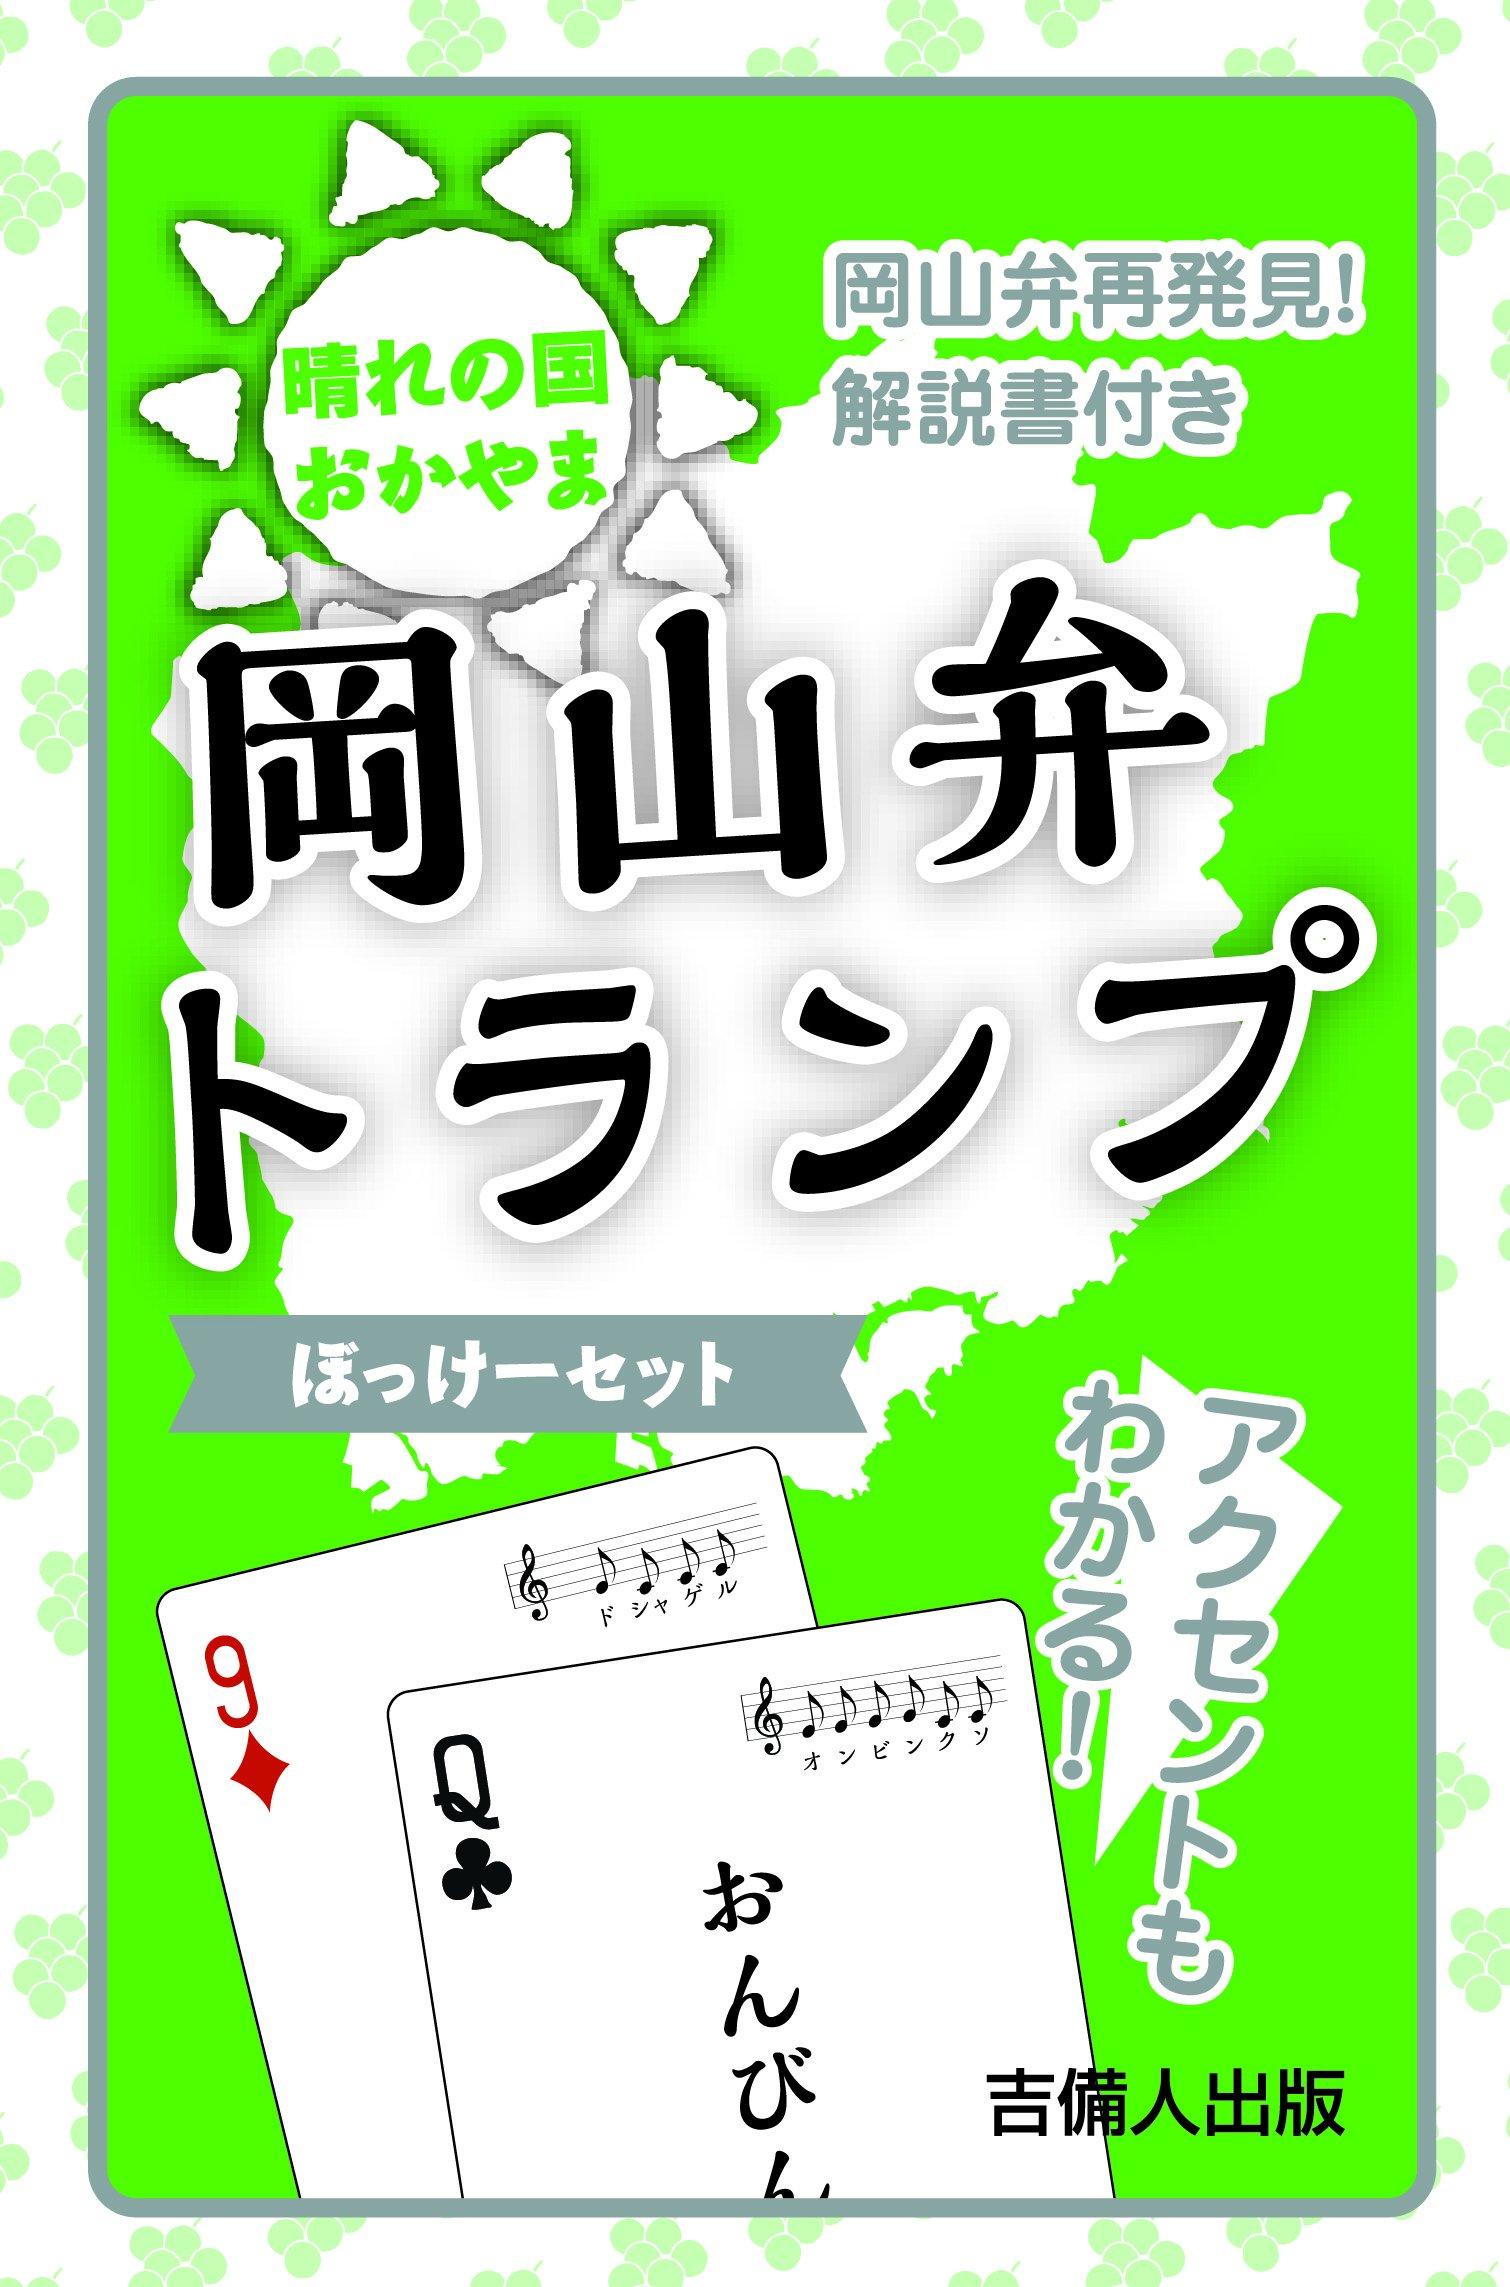 岡山弁トランプ(ぼっけーセット)